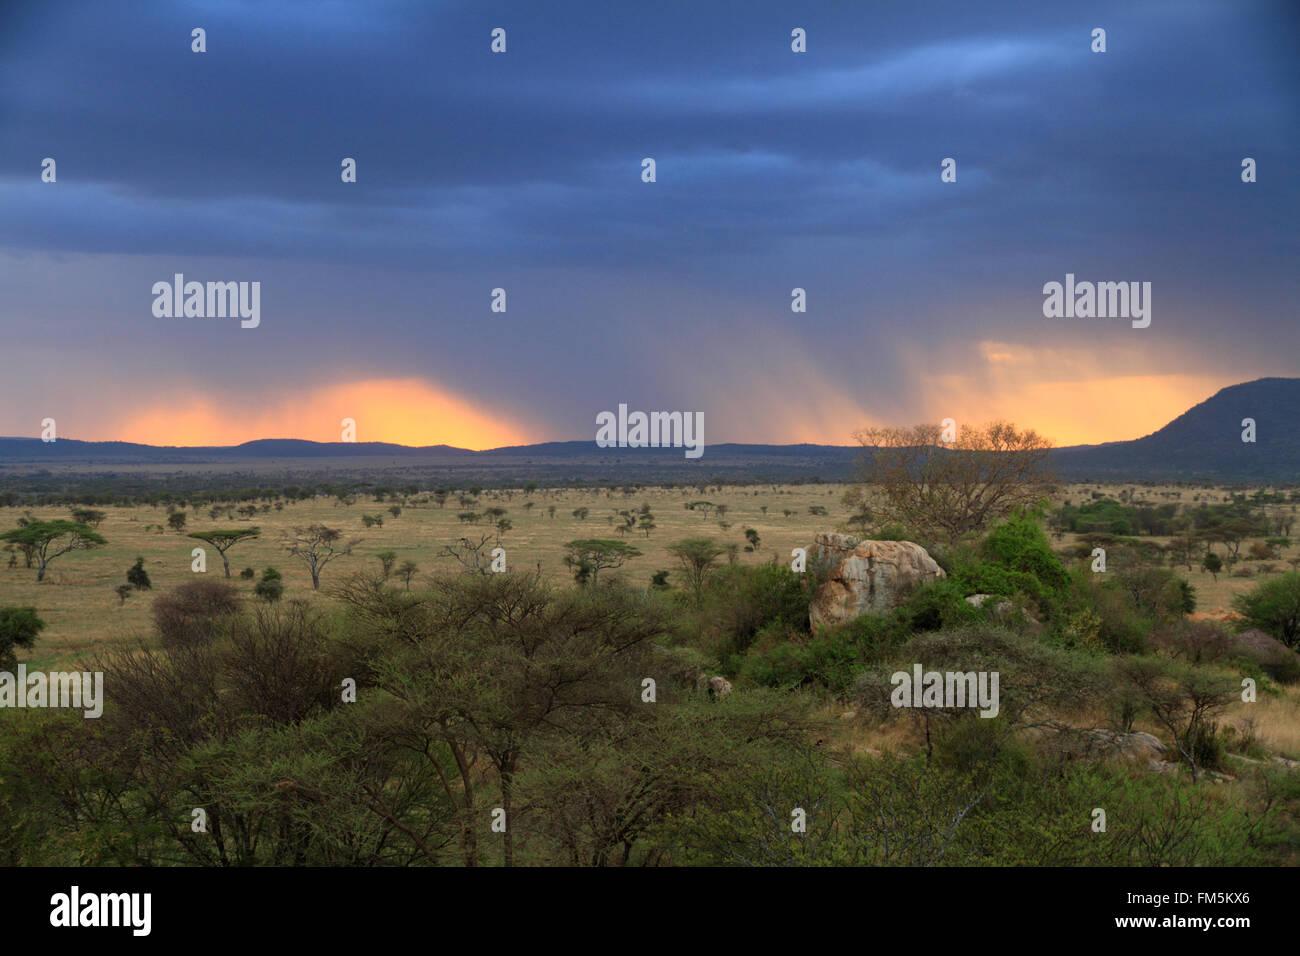 Ein Sonnenuntergang mit Regenwolken in der afrikanischen Savanne Stockbild